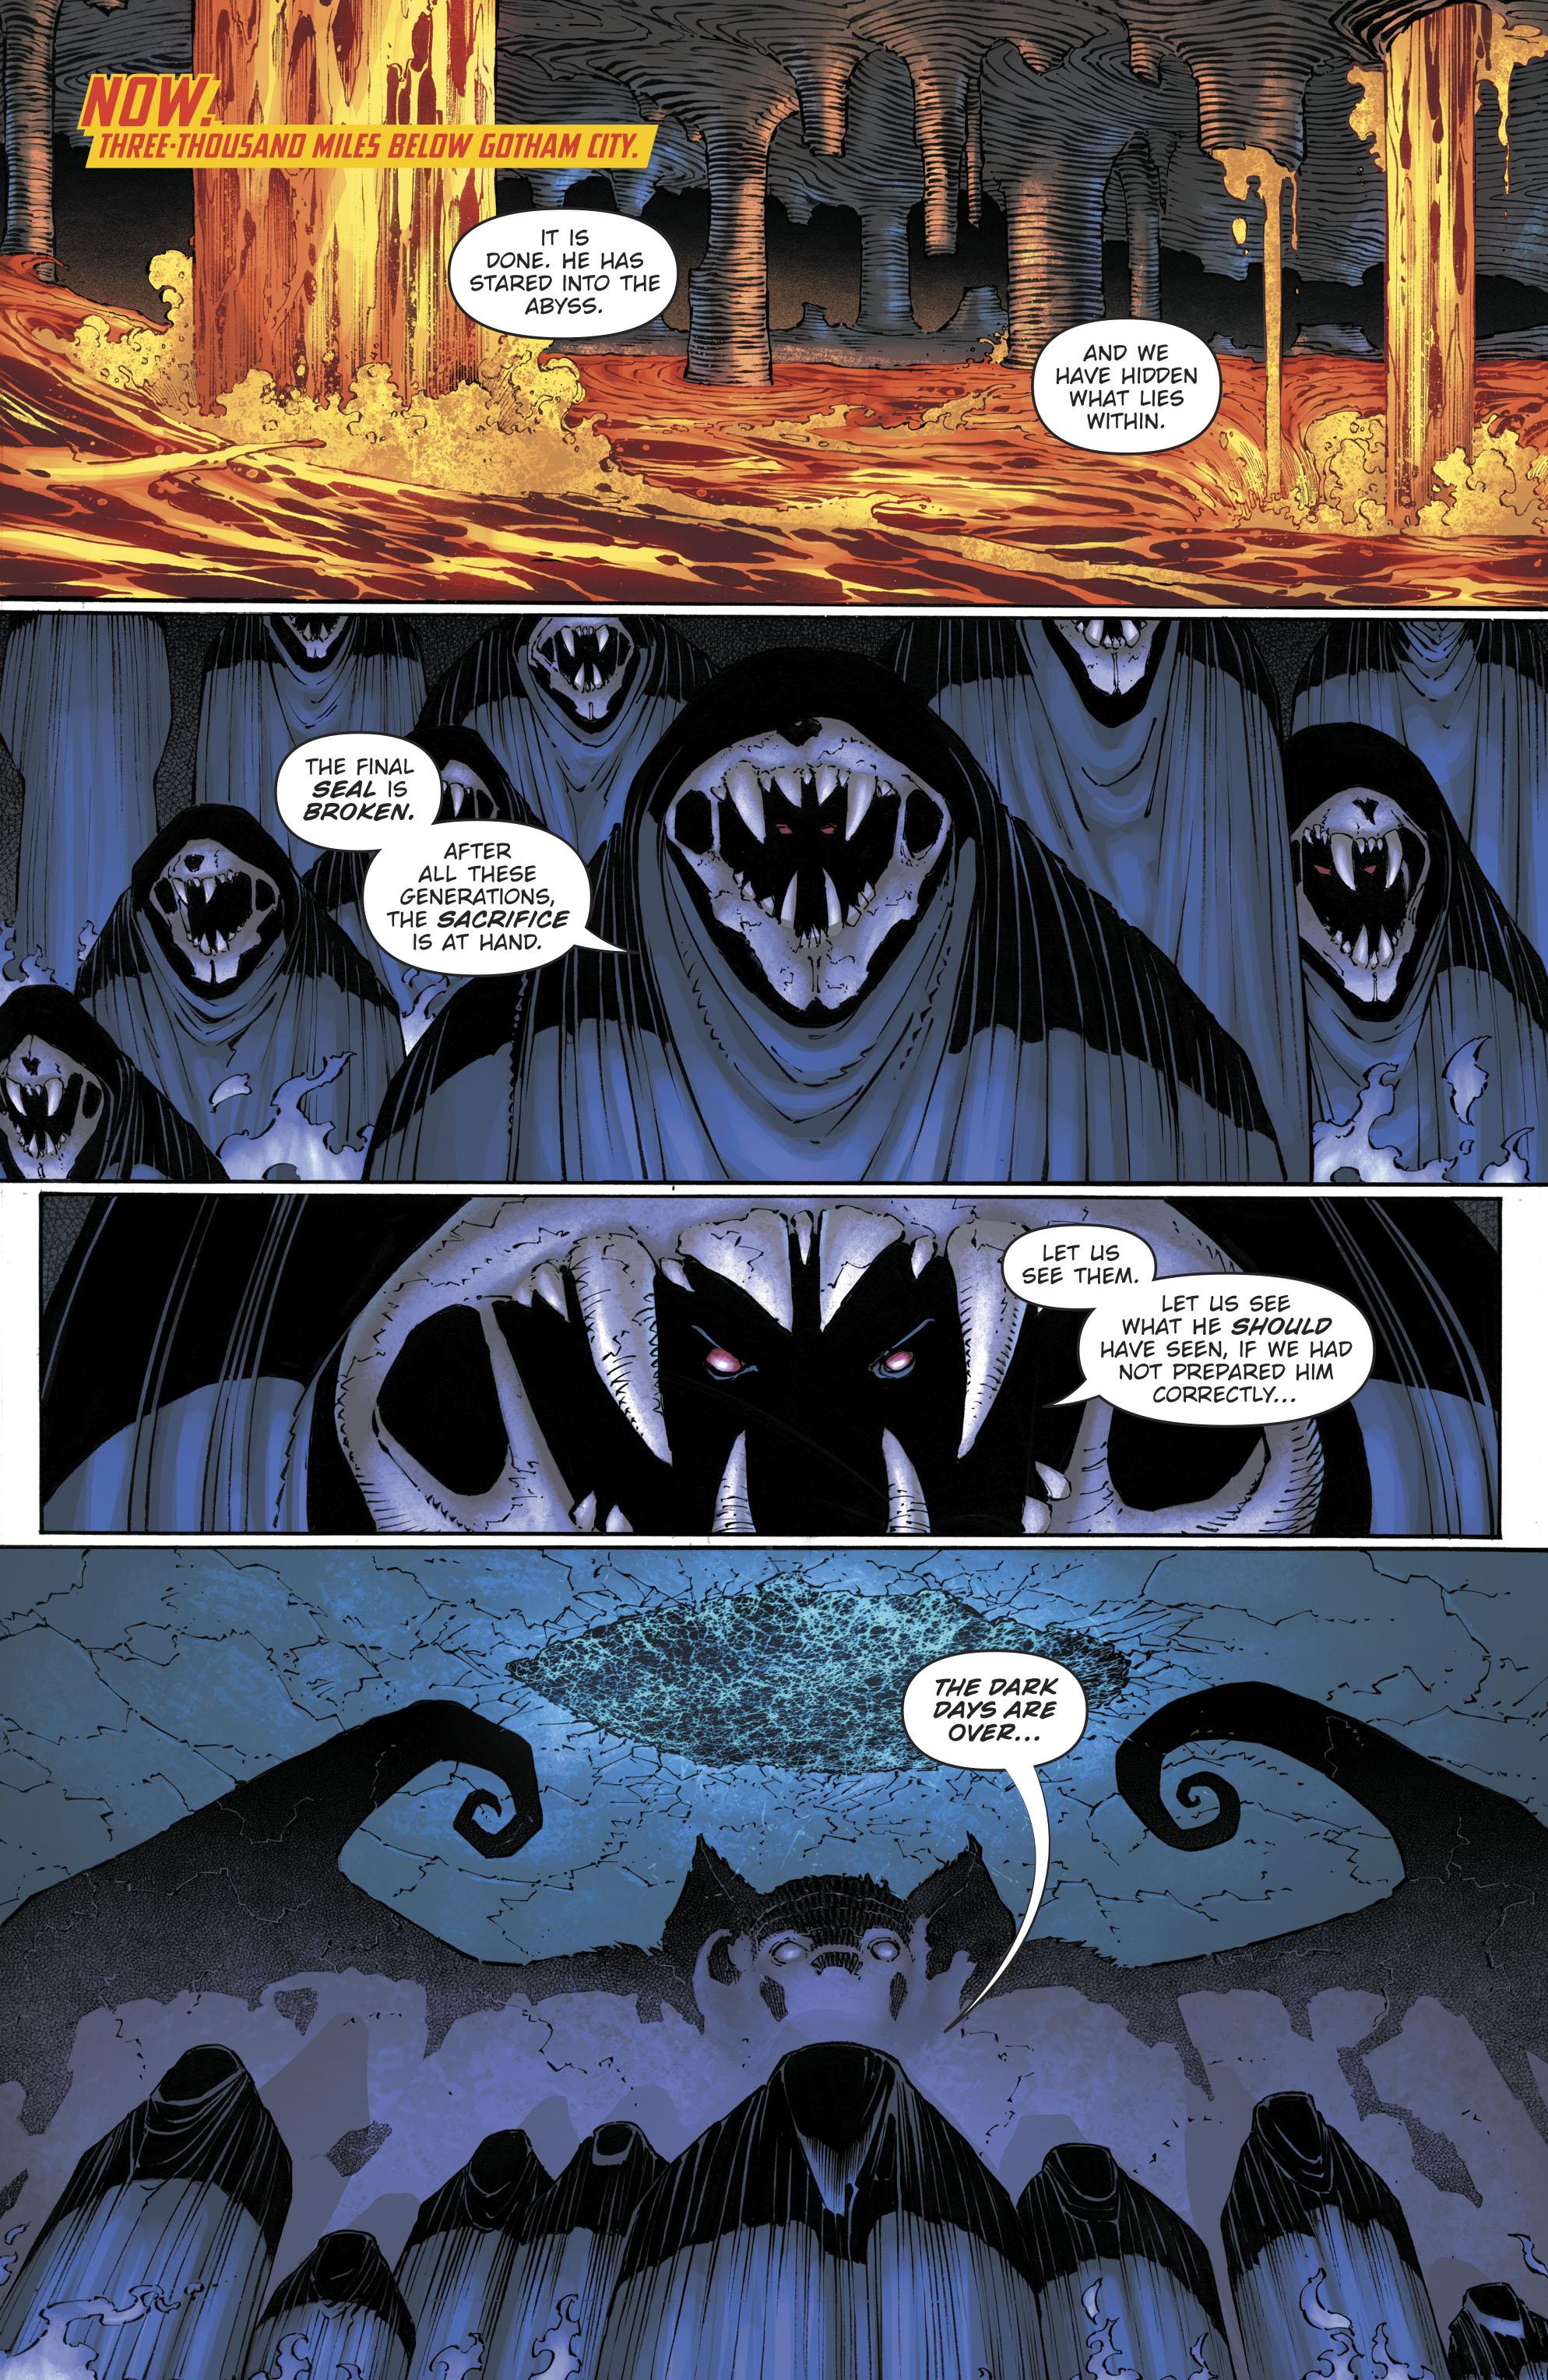 黑暗的日子:铸造(2017-): Chapter 1 - Page 黑暗的日子:铸造(2017-)